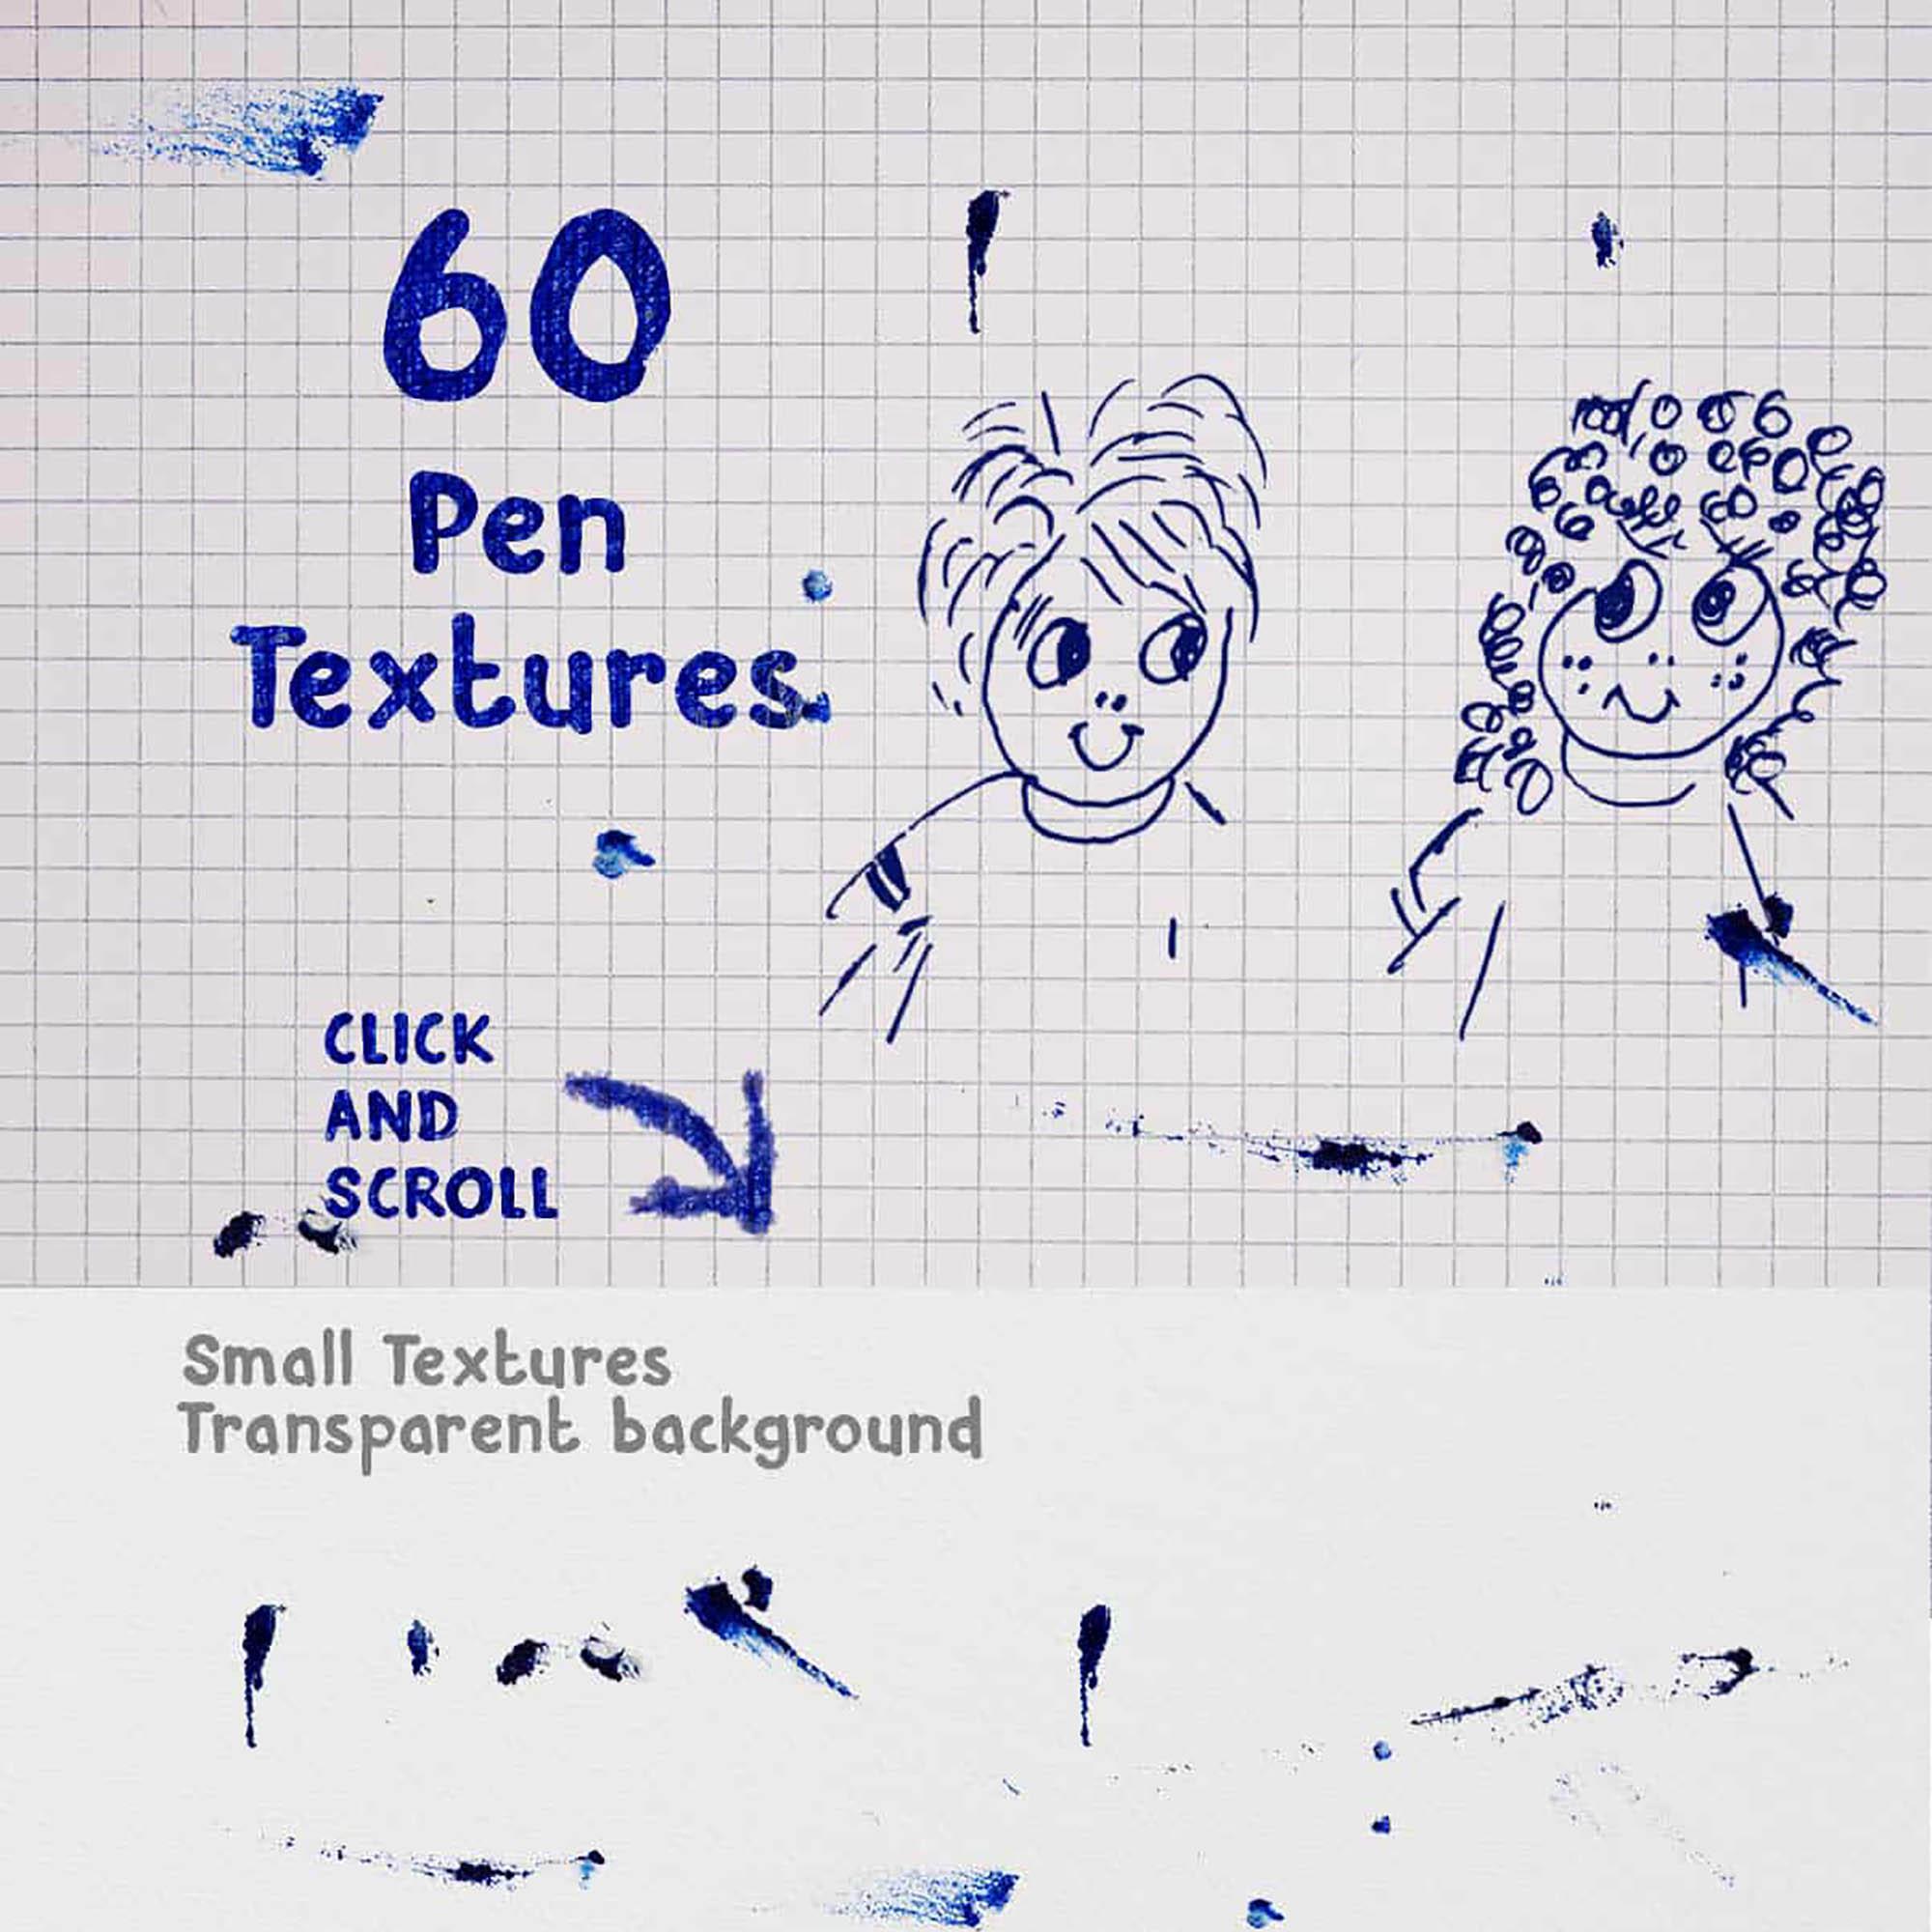 pen textures